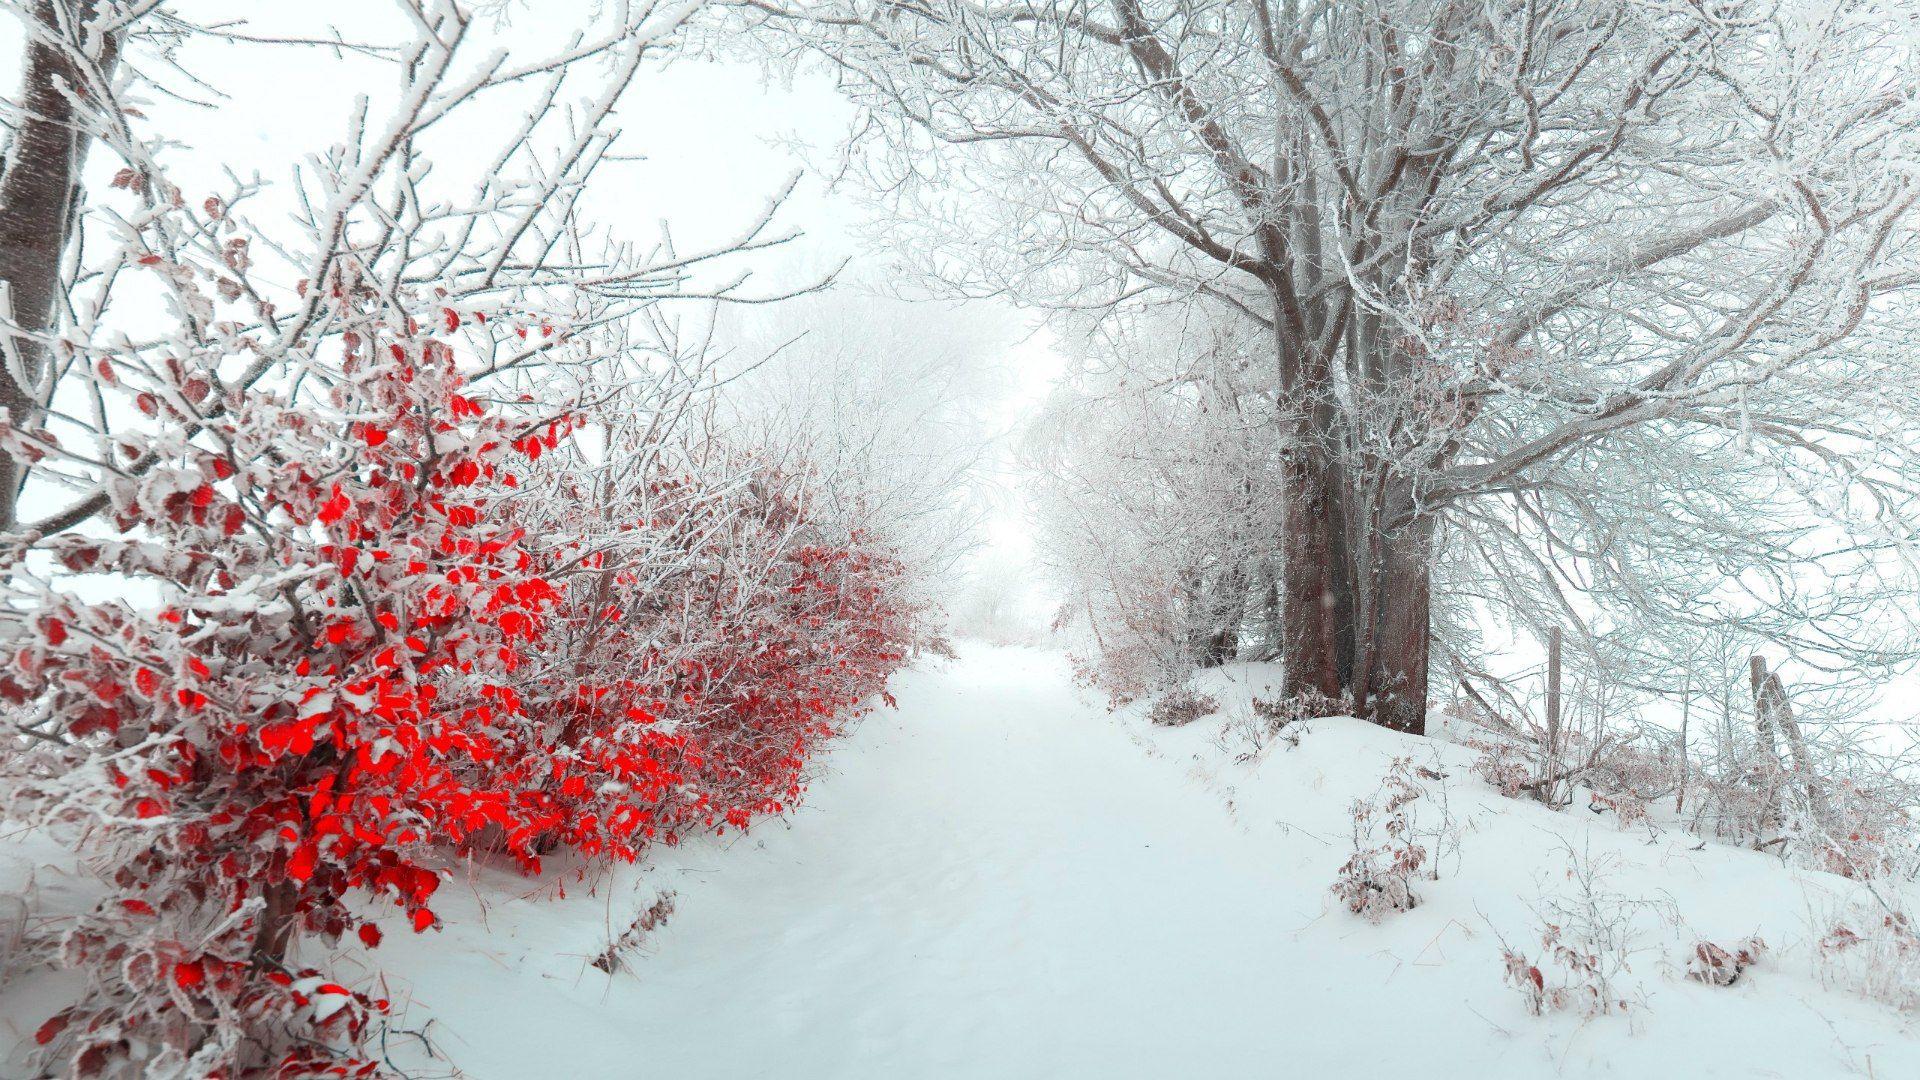 Amazing Wallpaper Love Winter - bd826756e6d66dd93577e49be3bc3d43  Photograph_483533.jpg